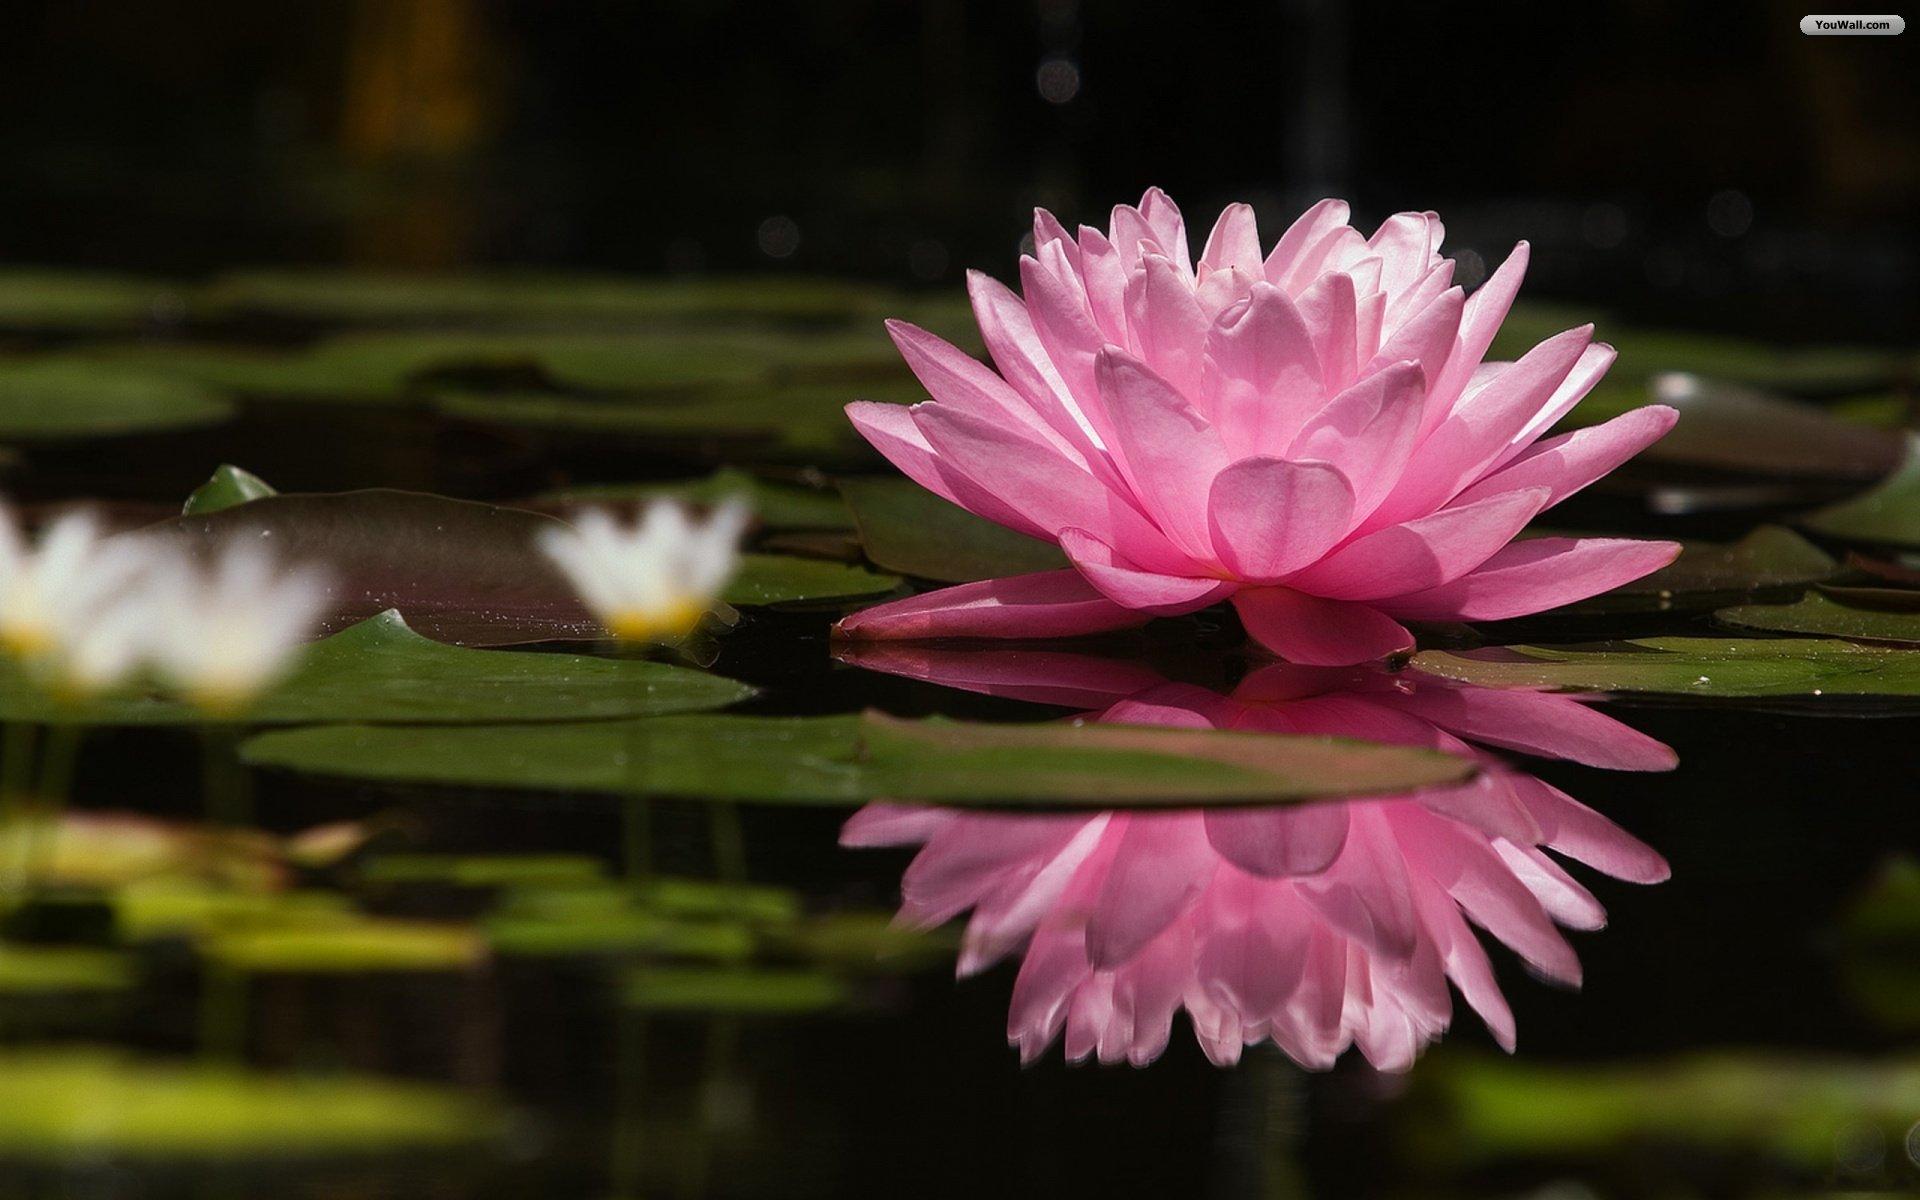 1920x1200px water lotus wallpaper wallpapersafari top 10 most beautiful flowers listcrux 1920x1200 izmirmasajfo